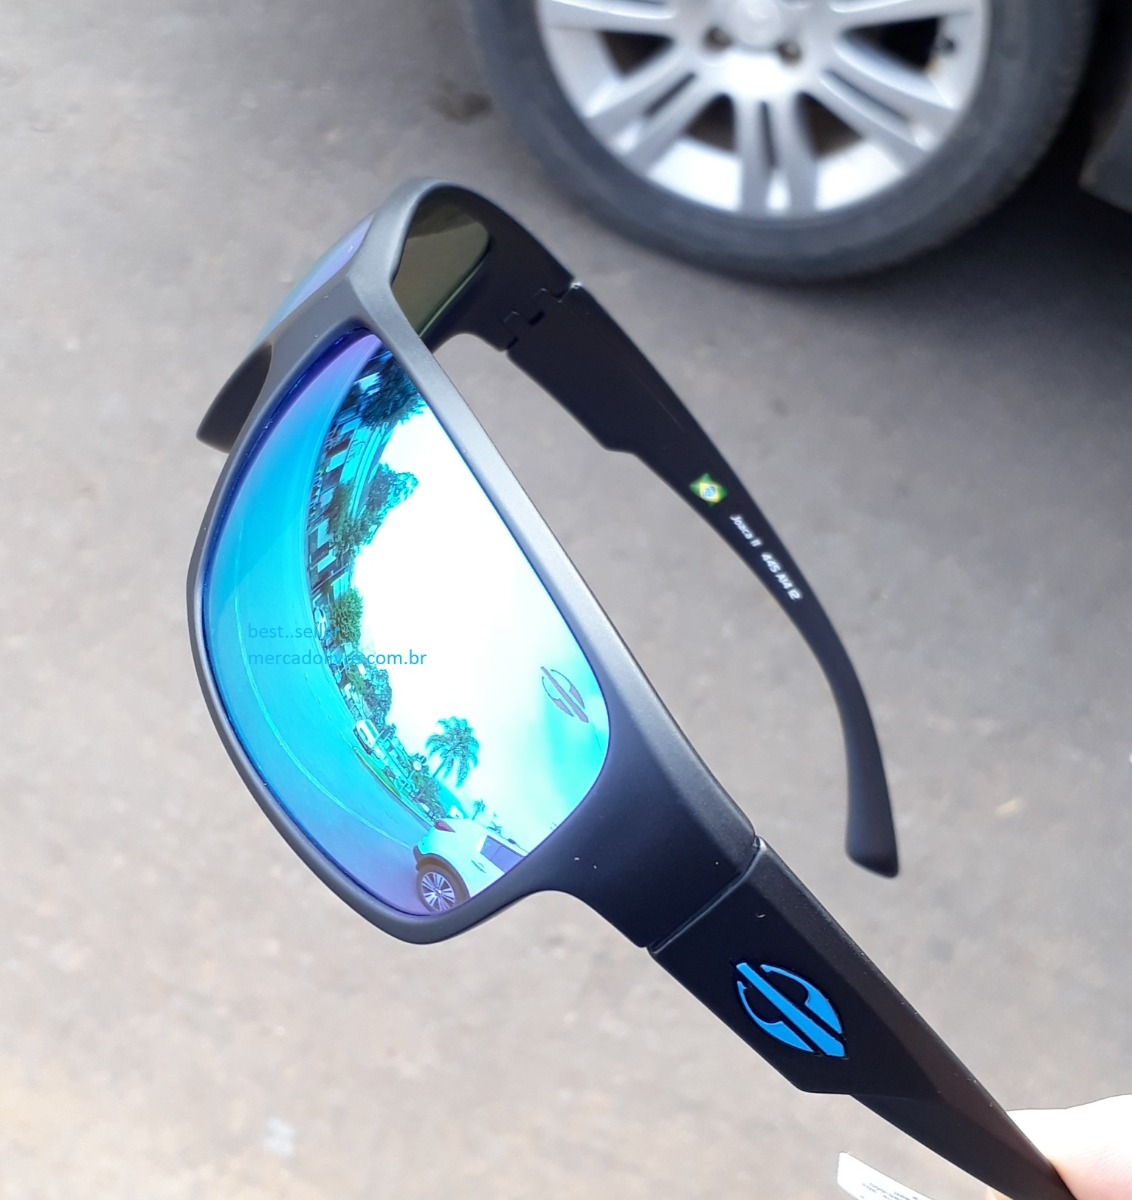 7409e3a50 óculos sol solar mormaii joaca 2 preto fosco espelhado azul. Carregando  zoom.